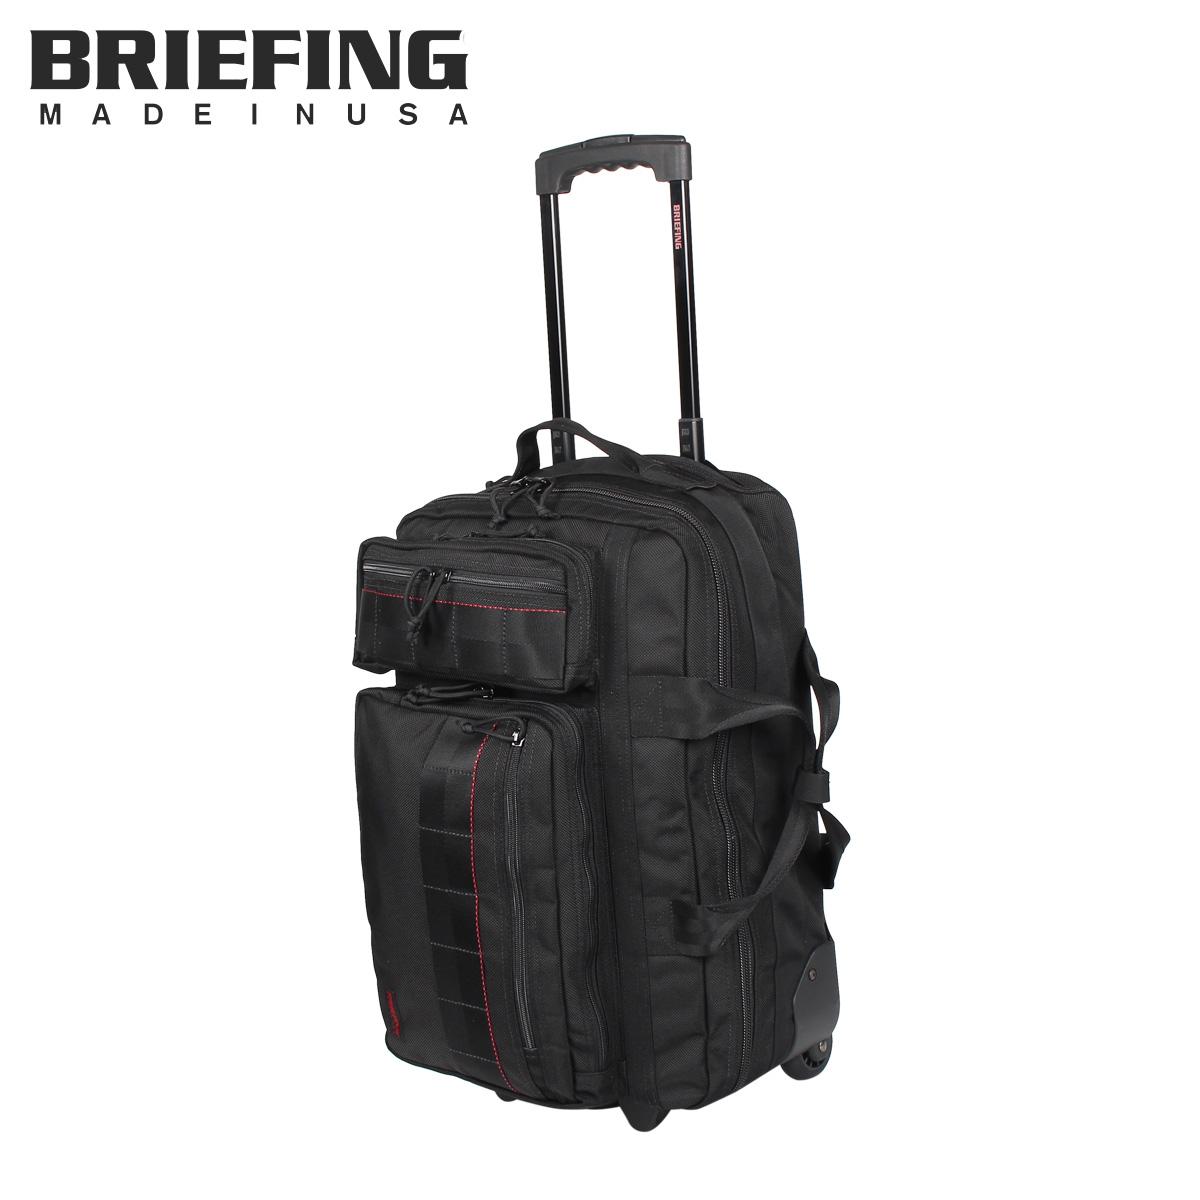 【最大2000円OFFクーポン】 ブリーフィング BRIEFING バッグ スーツケース キャリーバッグ メンズ T-3 ブラック 黒 181501